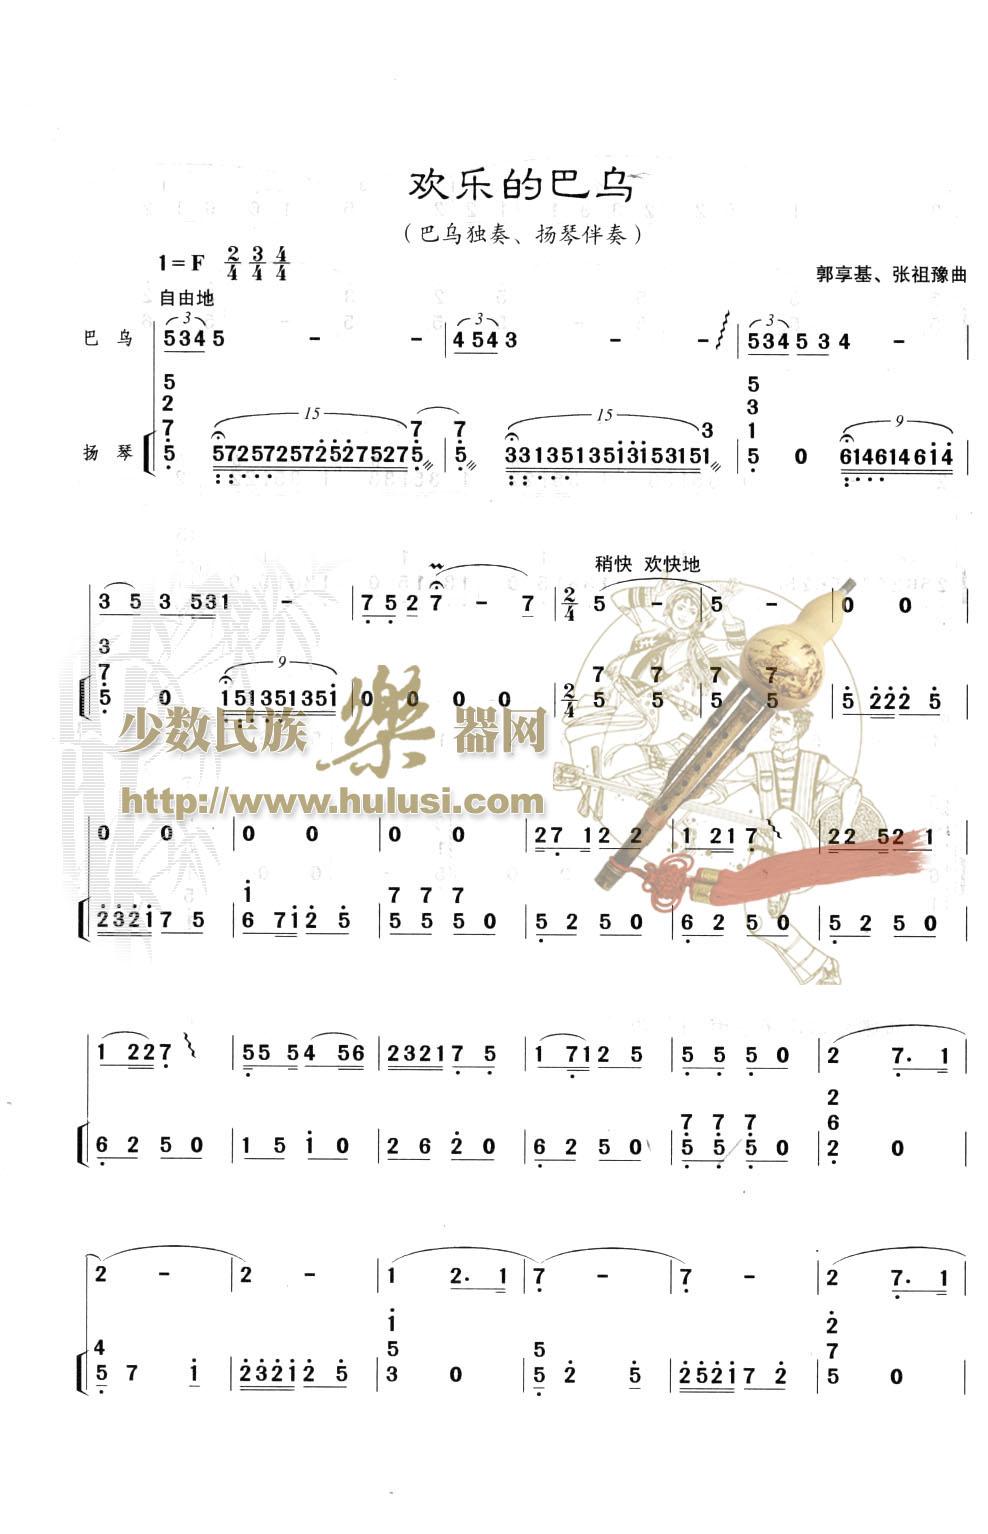 欢乐的巴乌 - 【【葫芦丝曲谱●下载 】】 - 葫芦丝